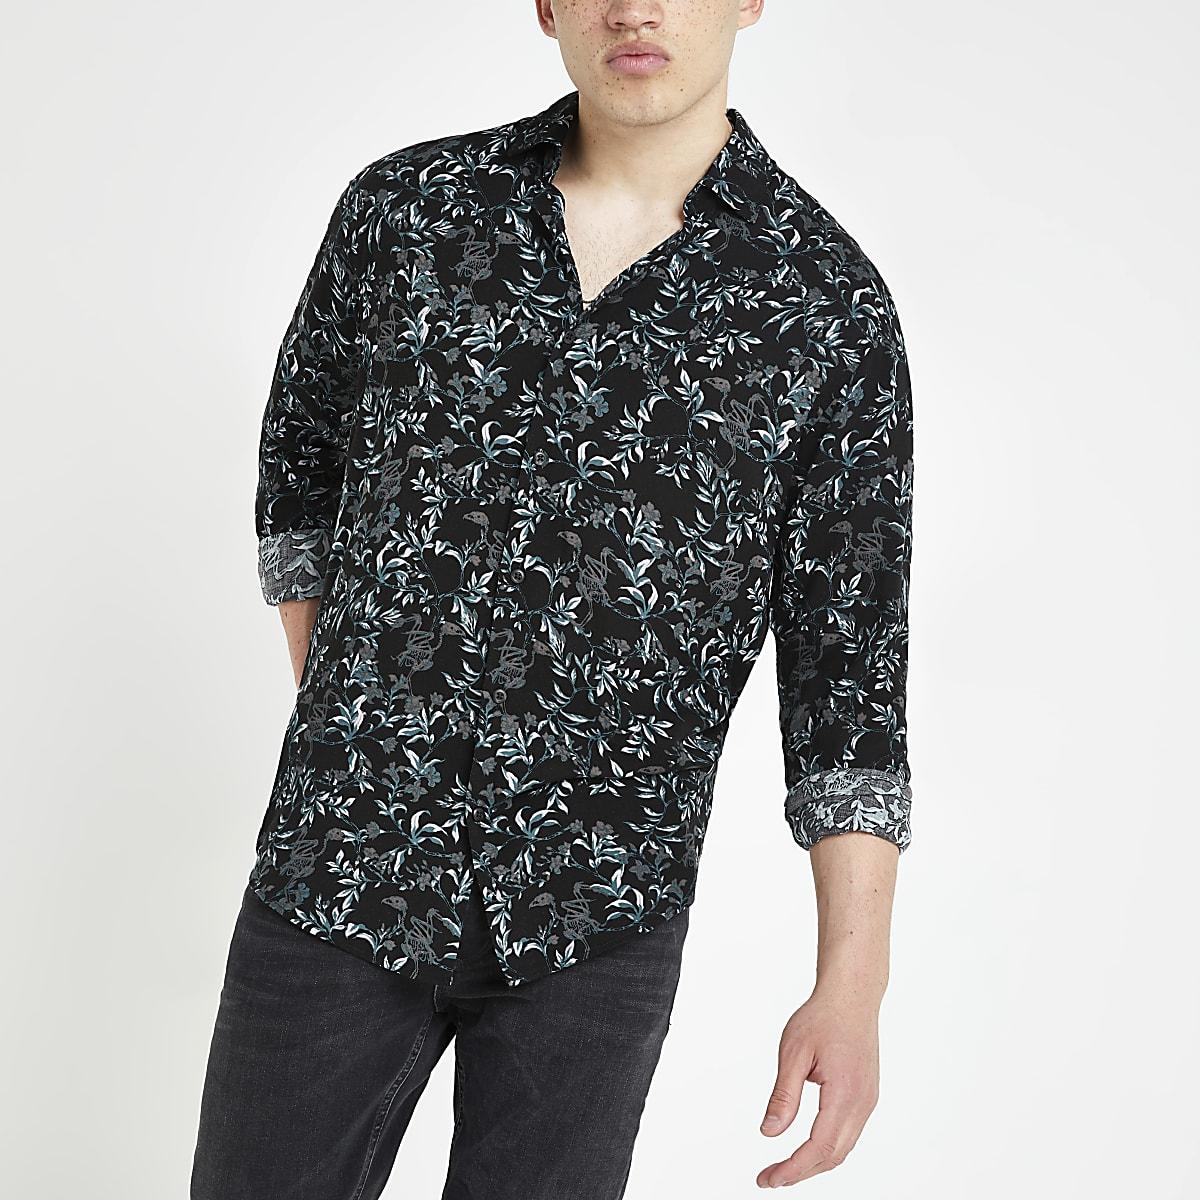 Heren Overhemd Bloemenprint.Jack And Jones Zwart Slim Fit Overhemd Met Bloemenprint